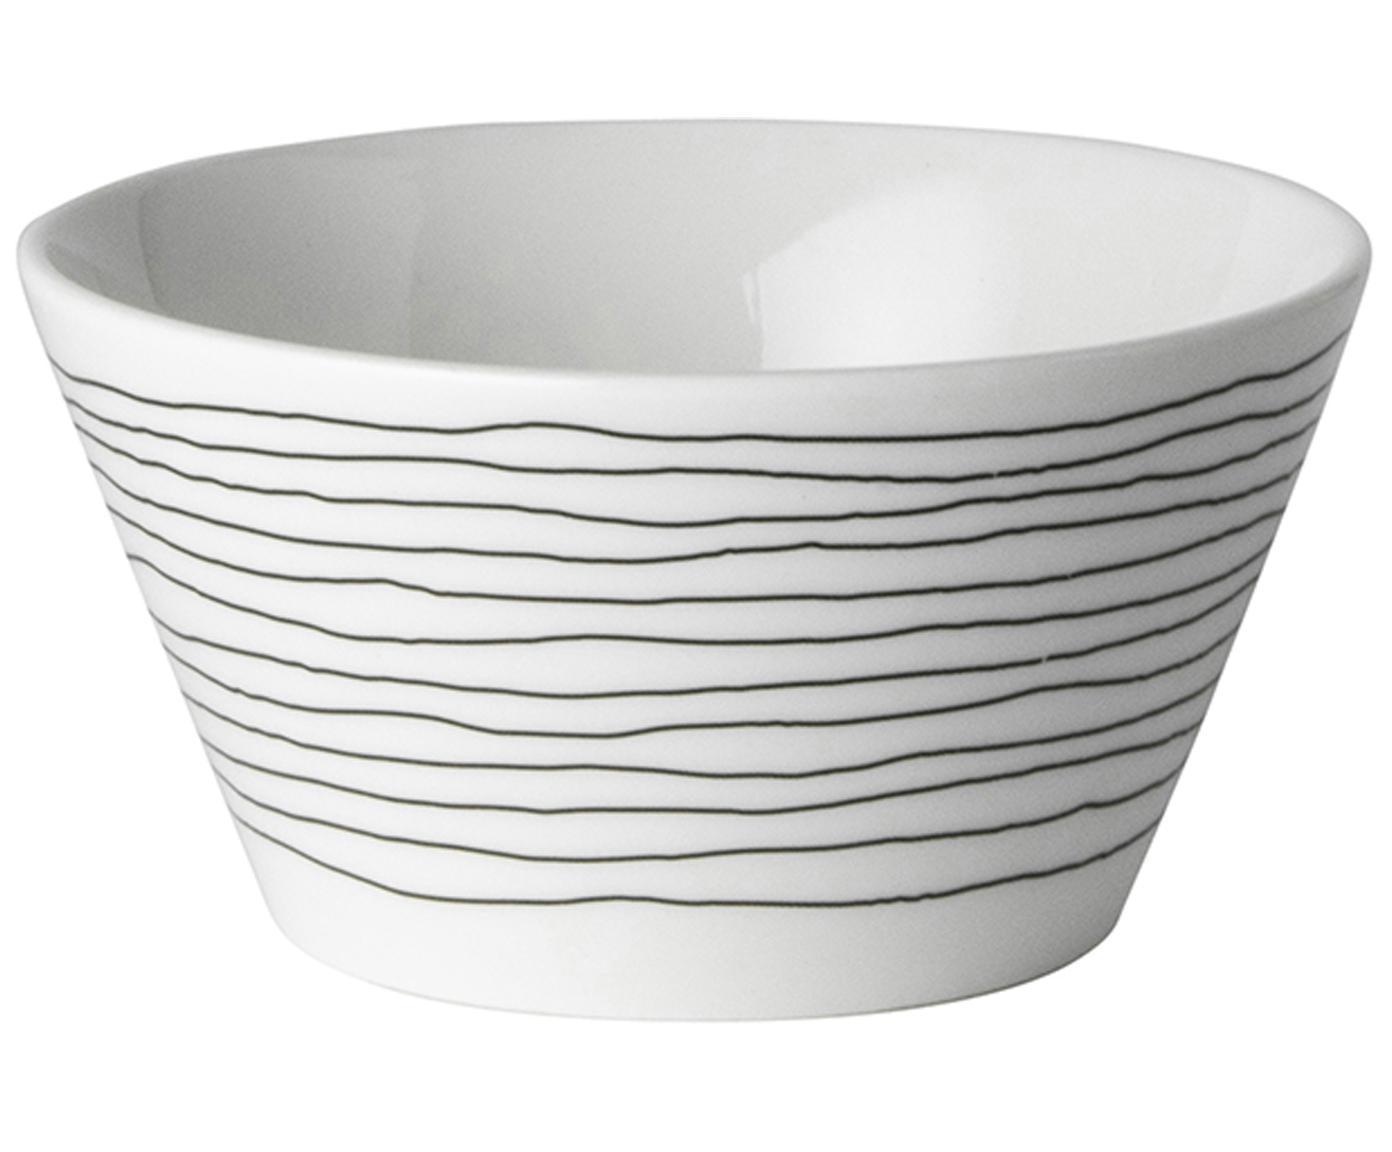 Schälchen Eris Loft mit Liniendekor, 4 Stück, Porzellan, Weiss, Schwarz, Ø 10 x H 6 cm